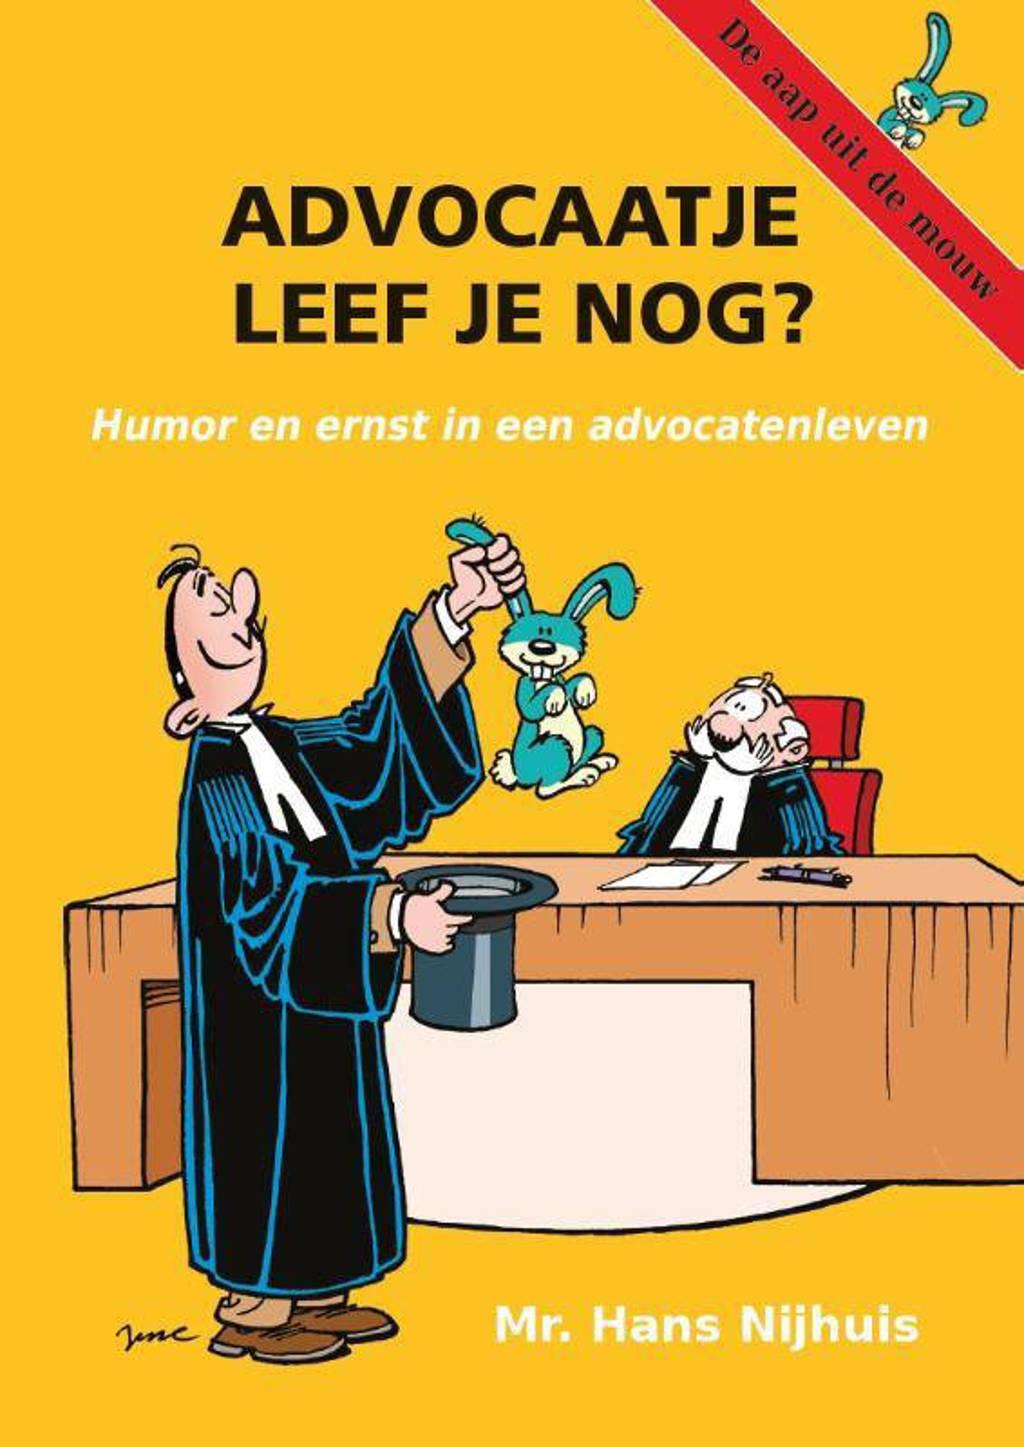 Advocaatje leef je nog? - Hans Nijhuis